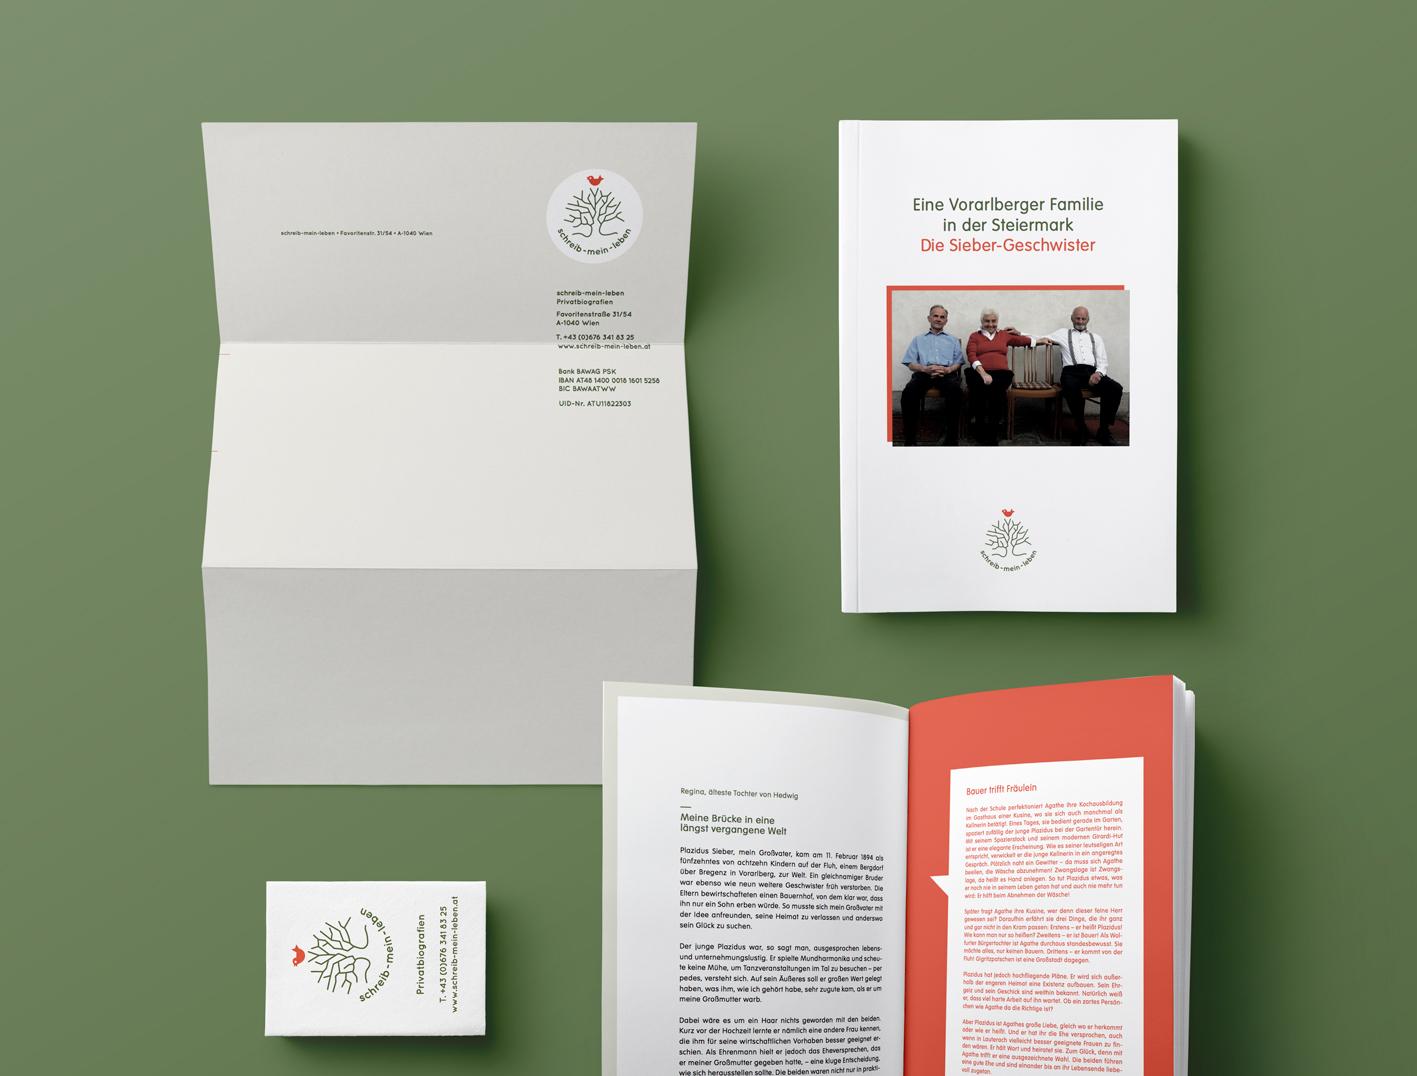 5DMBO-Studio-für-Gestaltung-schreib-mein-leben-buch